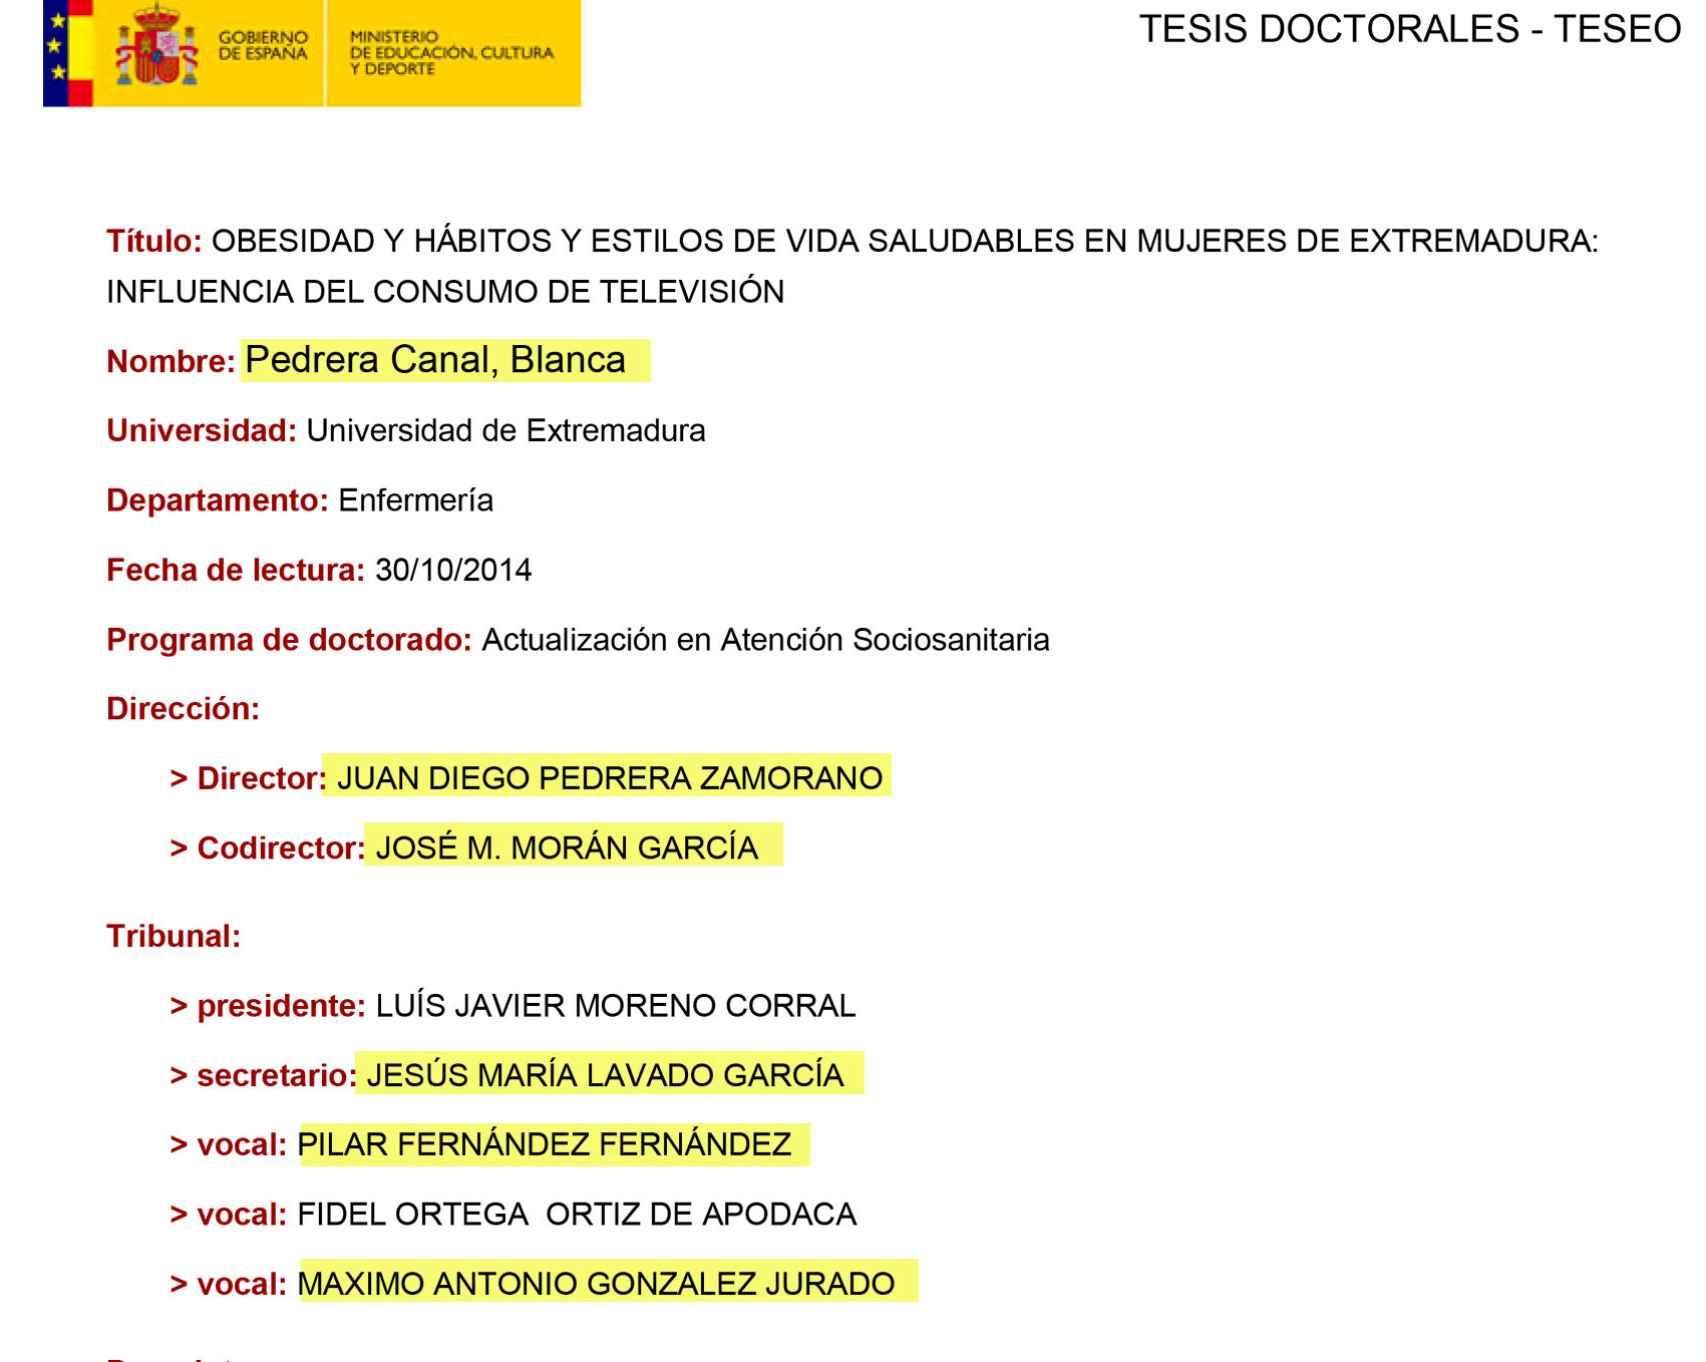 Tribunal de tesis doctoral de Blanca Pedrera, hija del asesor del rector de la Universidad de Extremadura